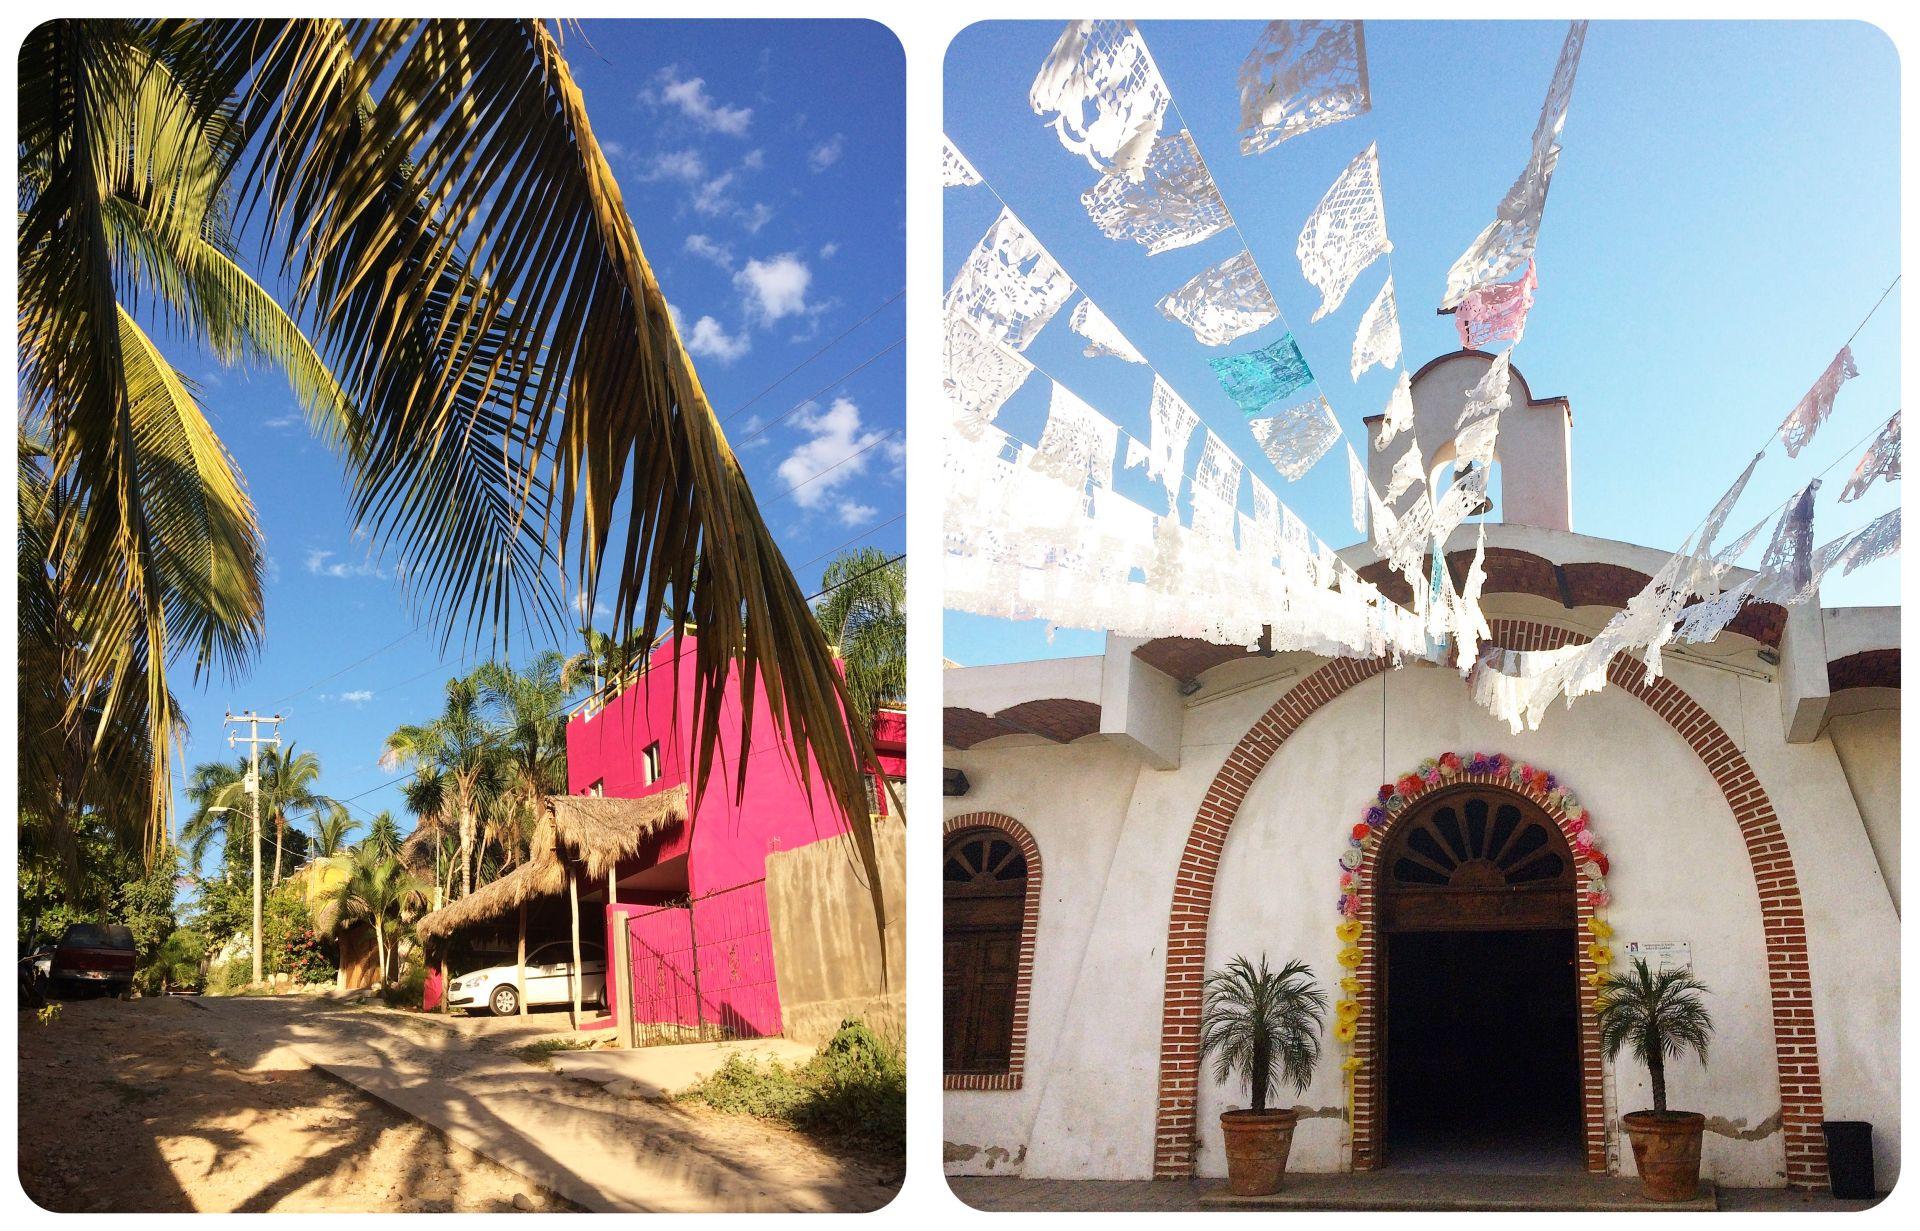 Sayulita Pueblo Magico Mexico